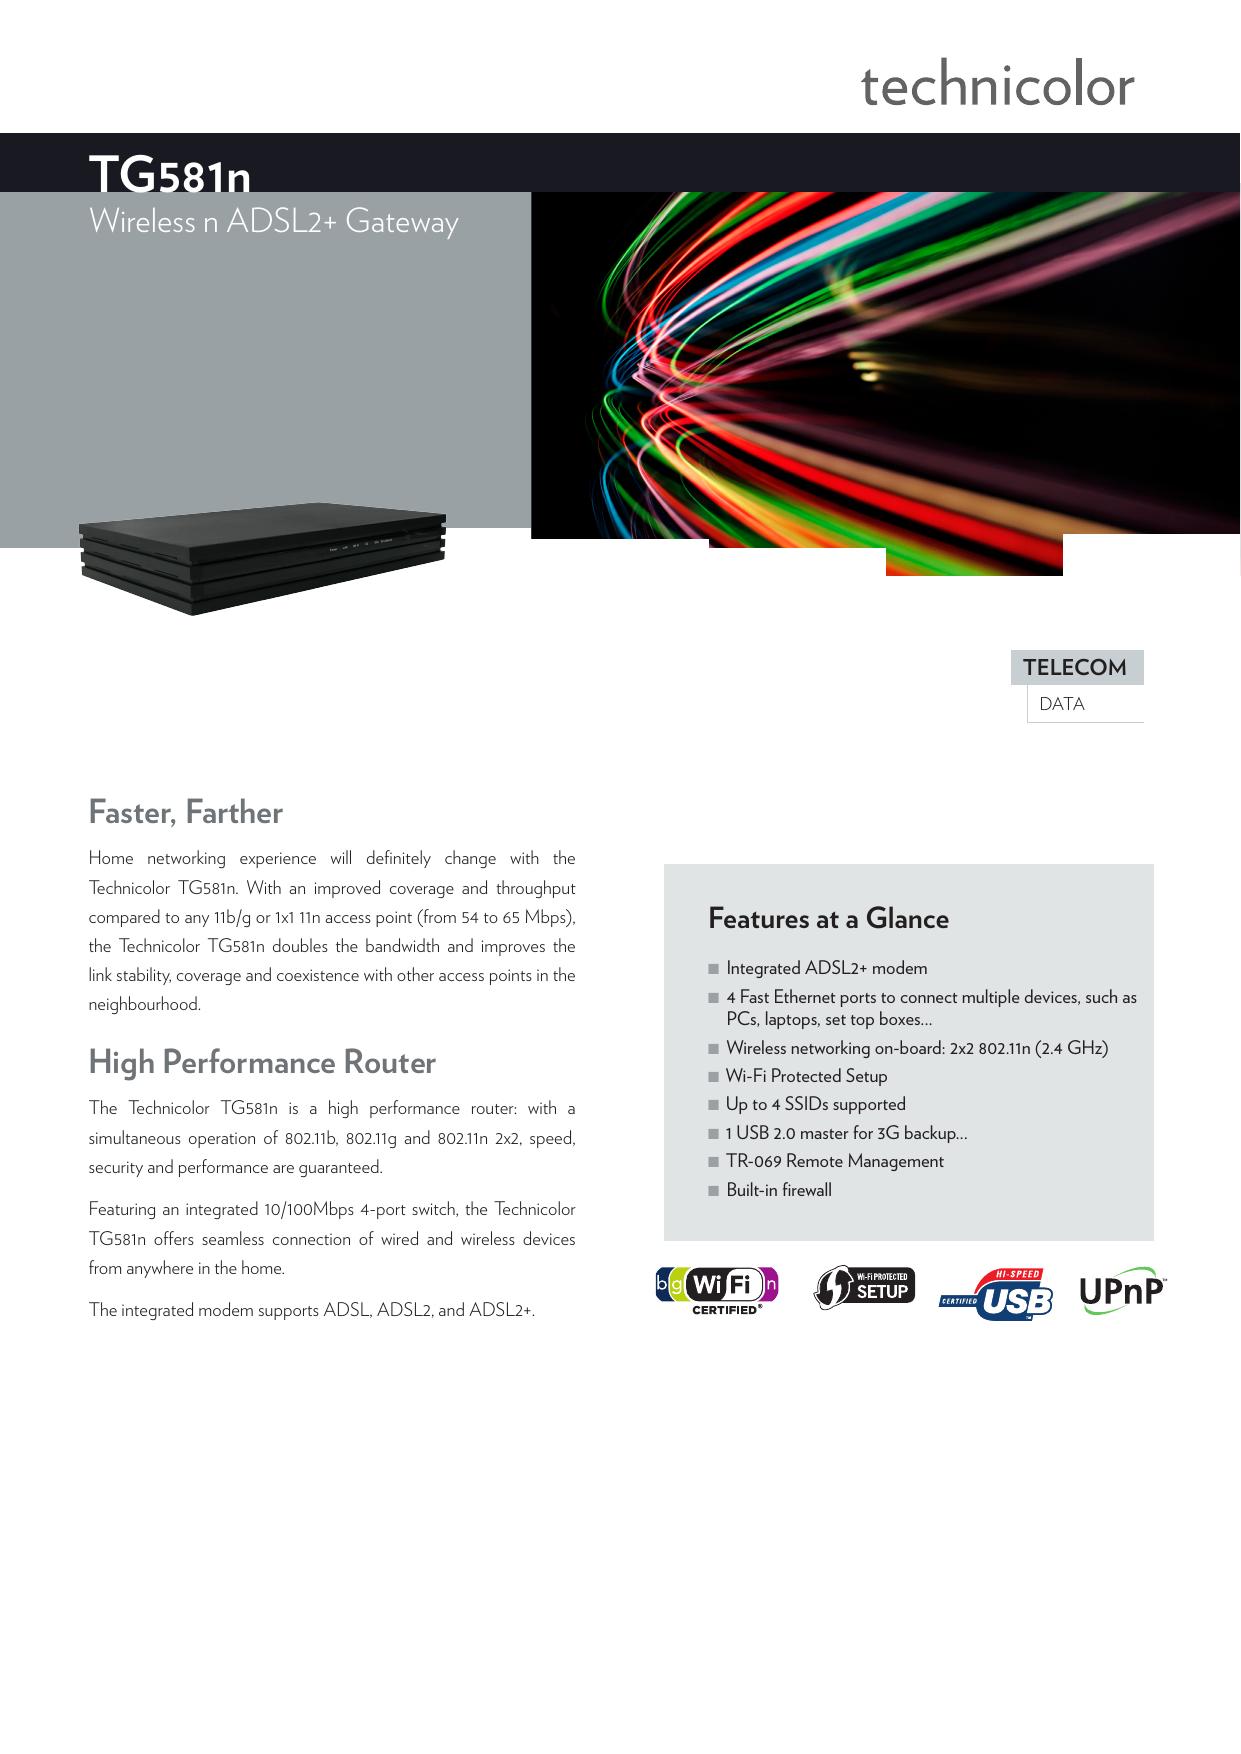 TG581n - Technicolor ADSL Gateway | manualzz com